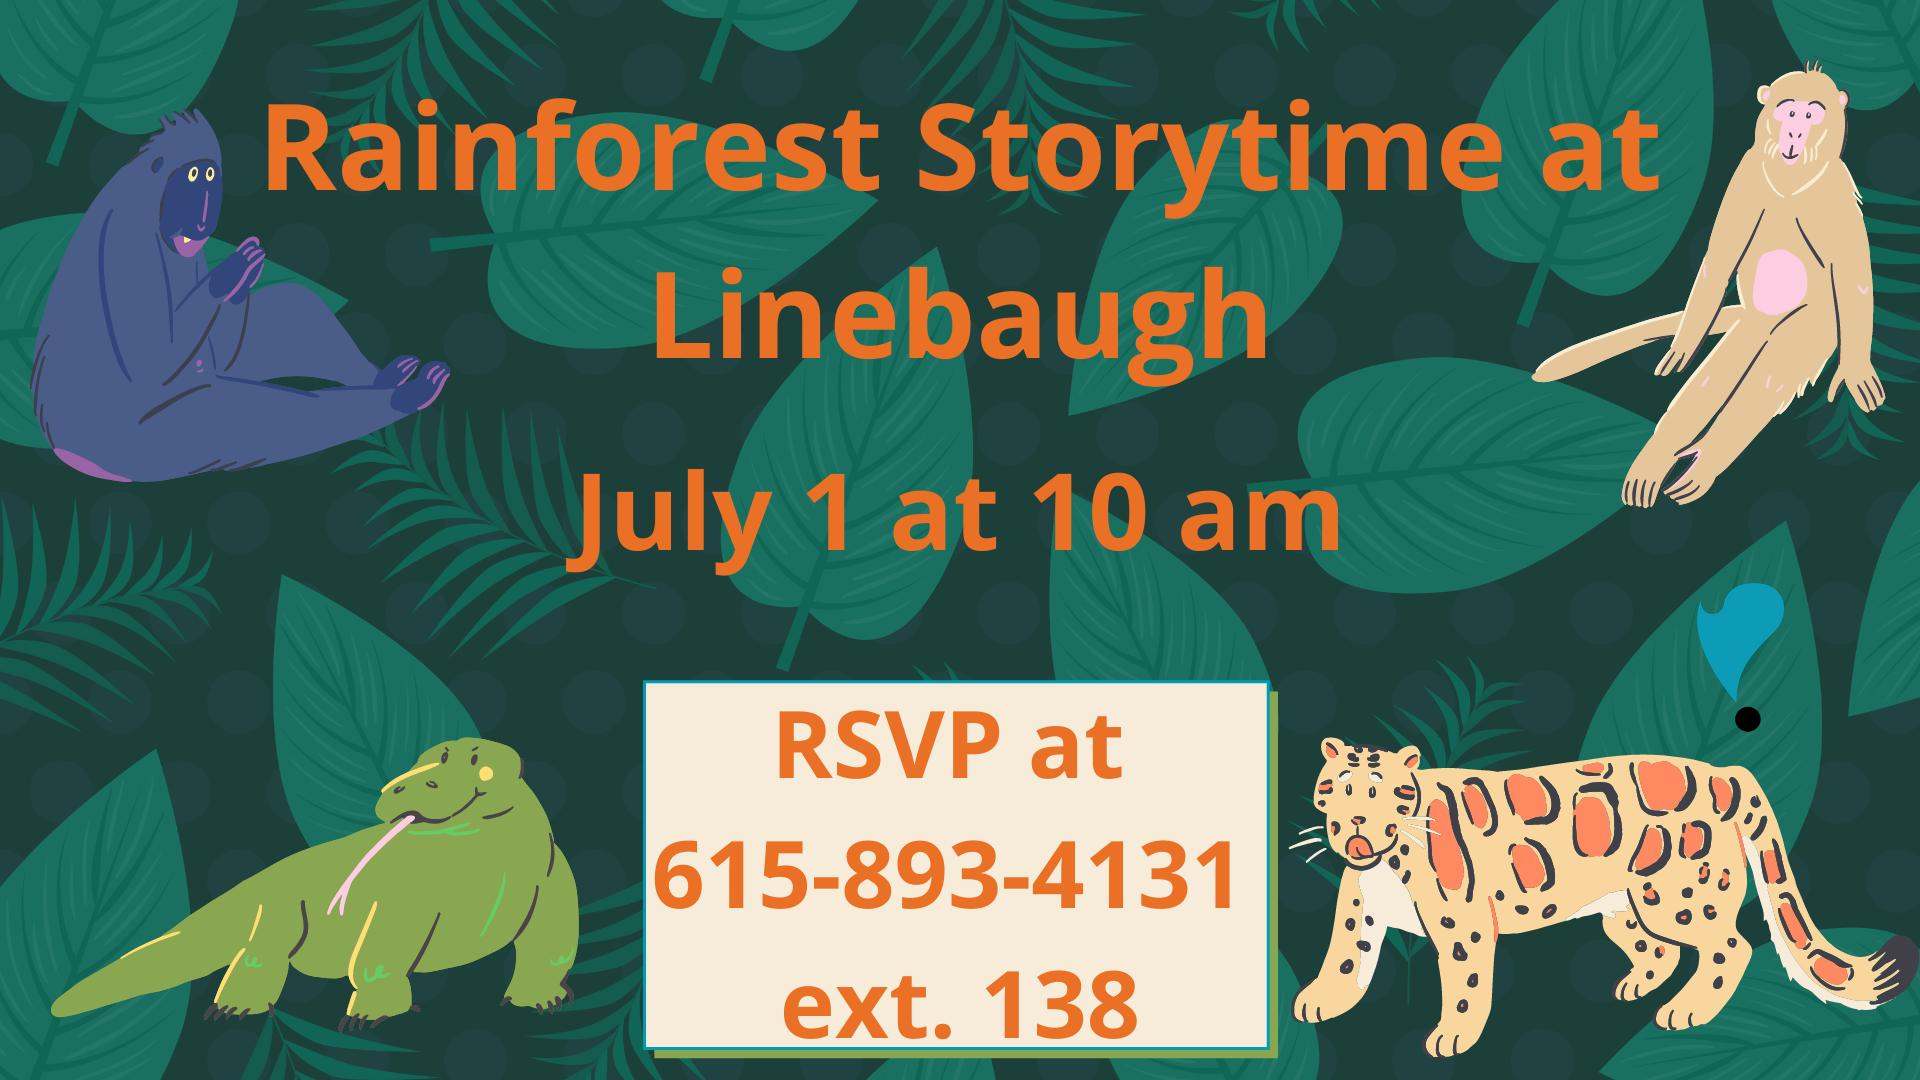 Rainforest Storytime